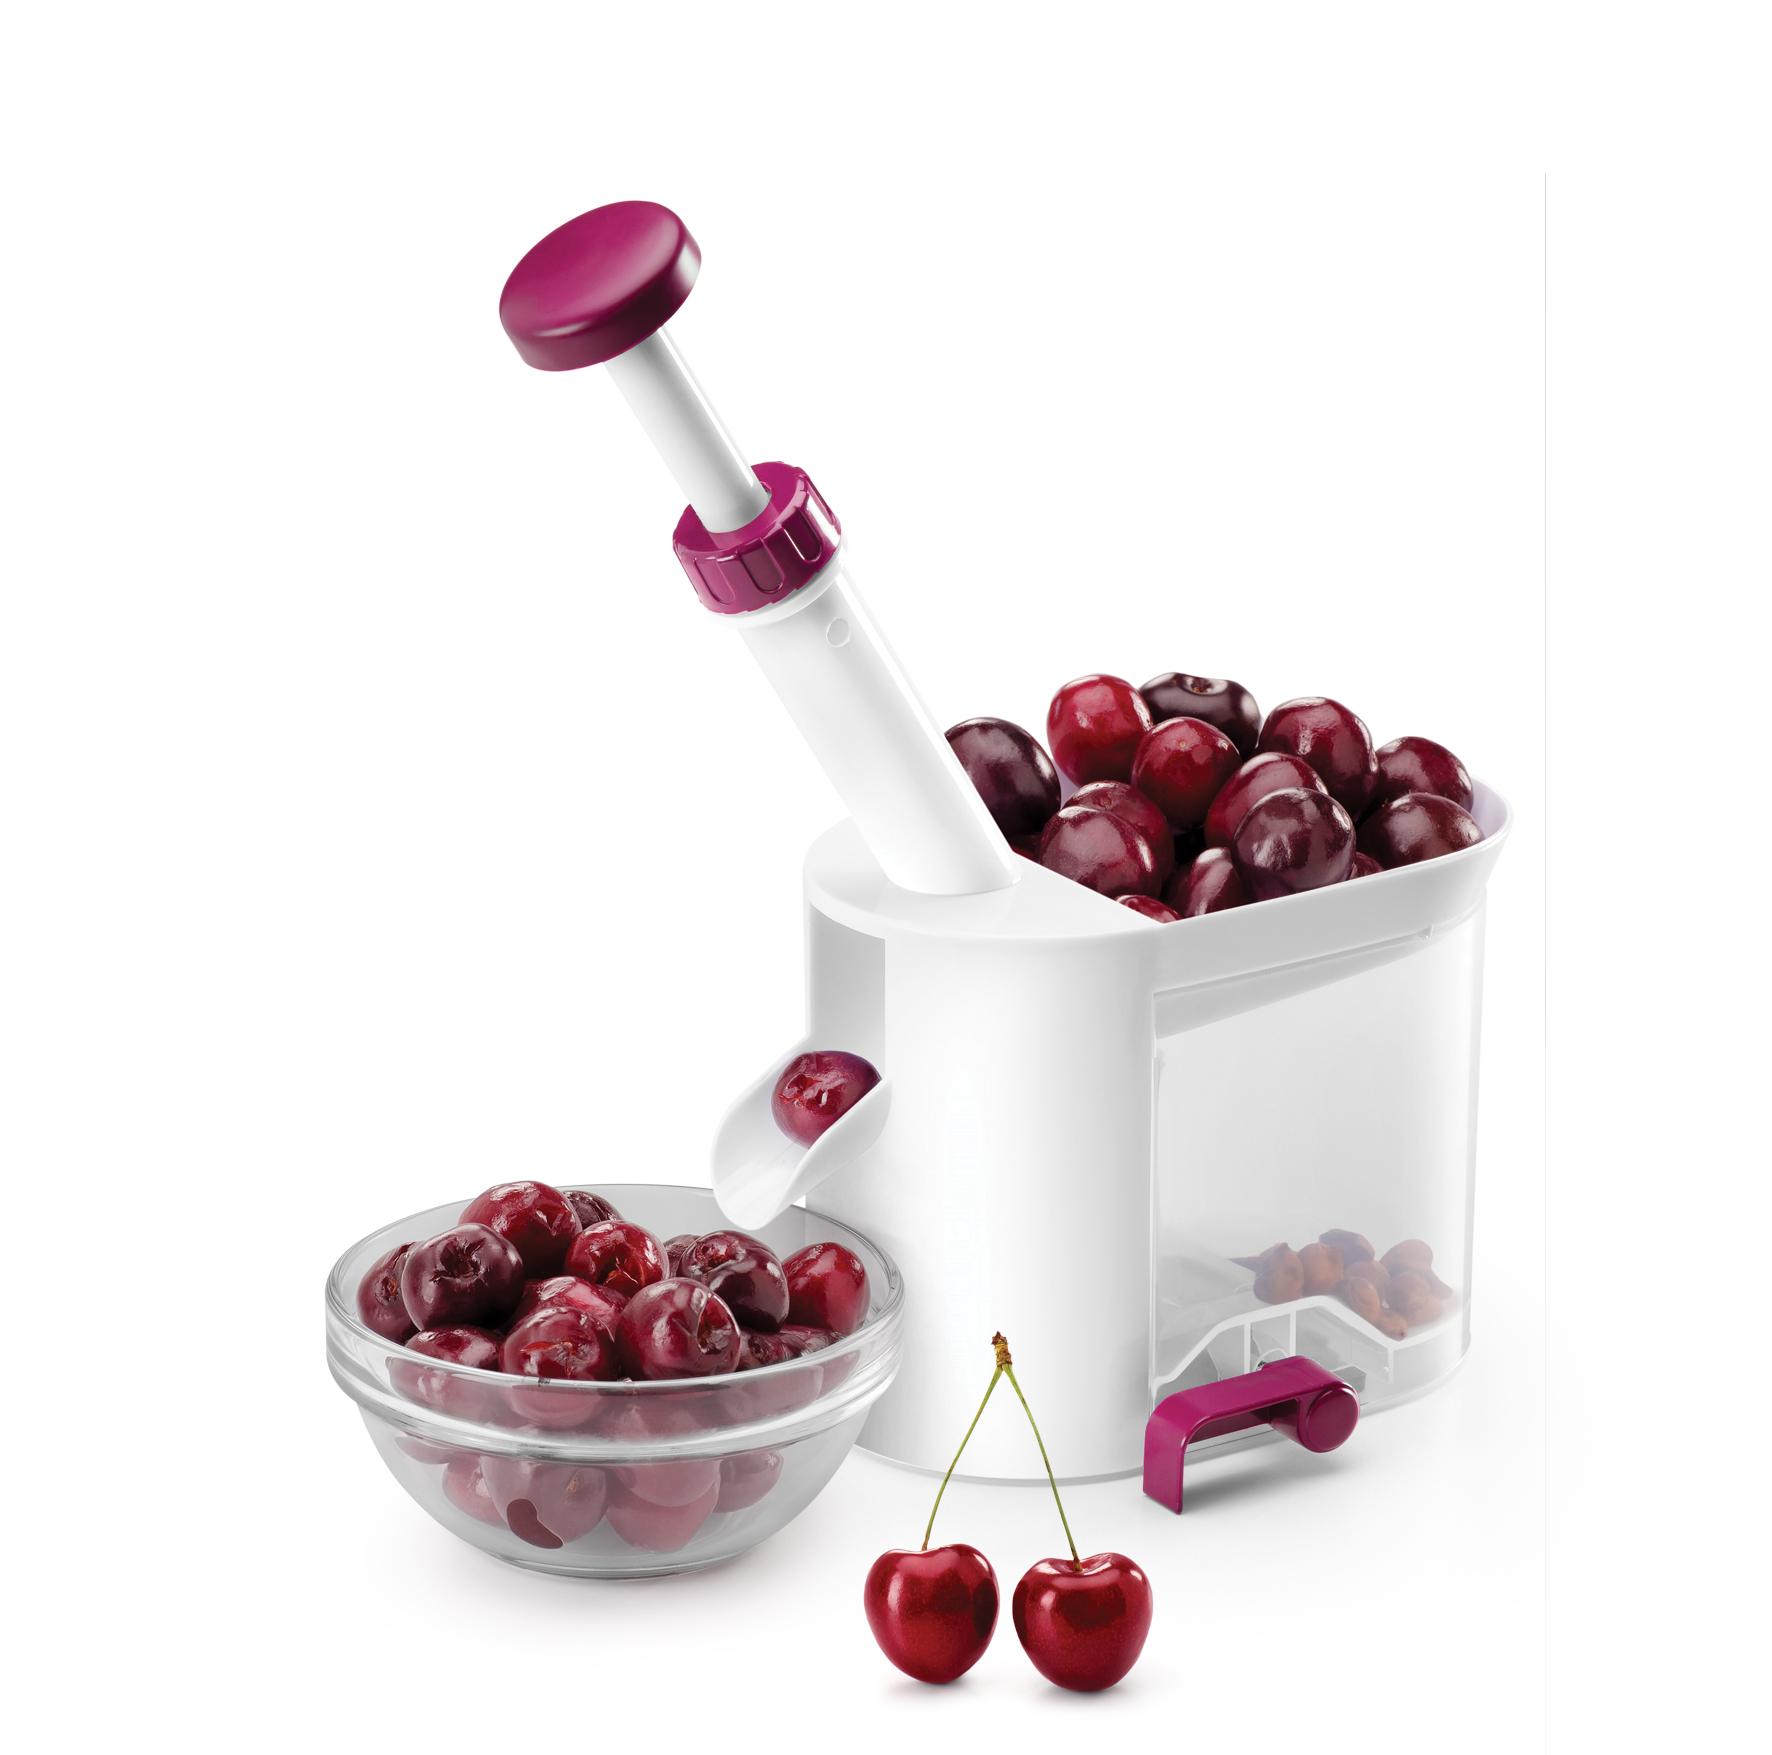 Καθαριστήρας Ελιάς/Βύσσινου - METALTEX - 250660 κουζινα εργαλεία κουζίνας